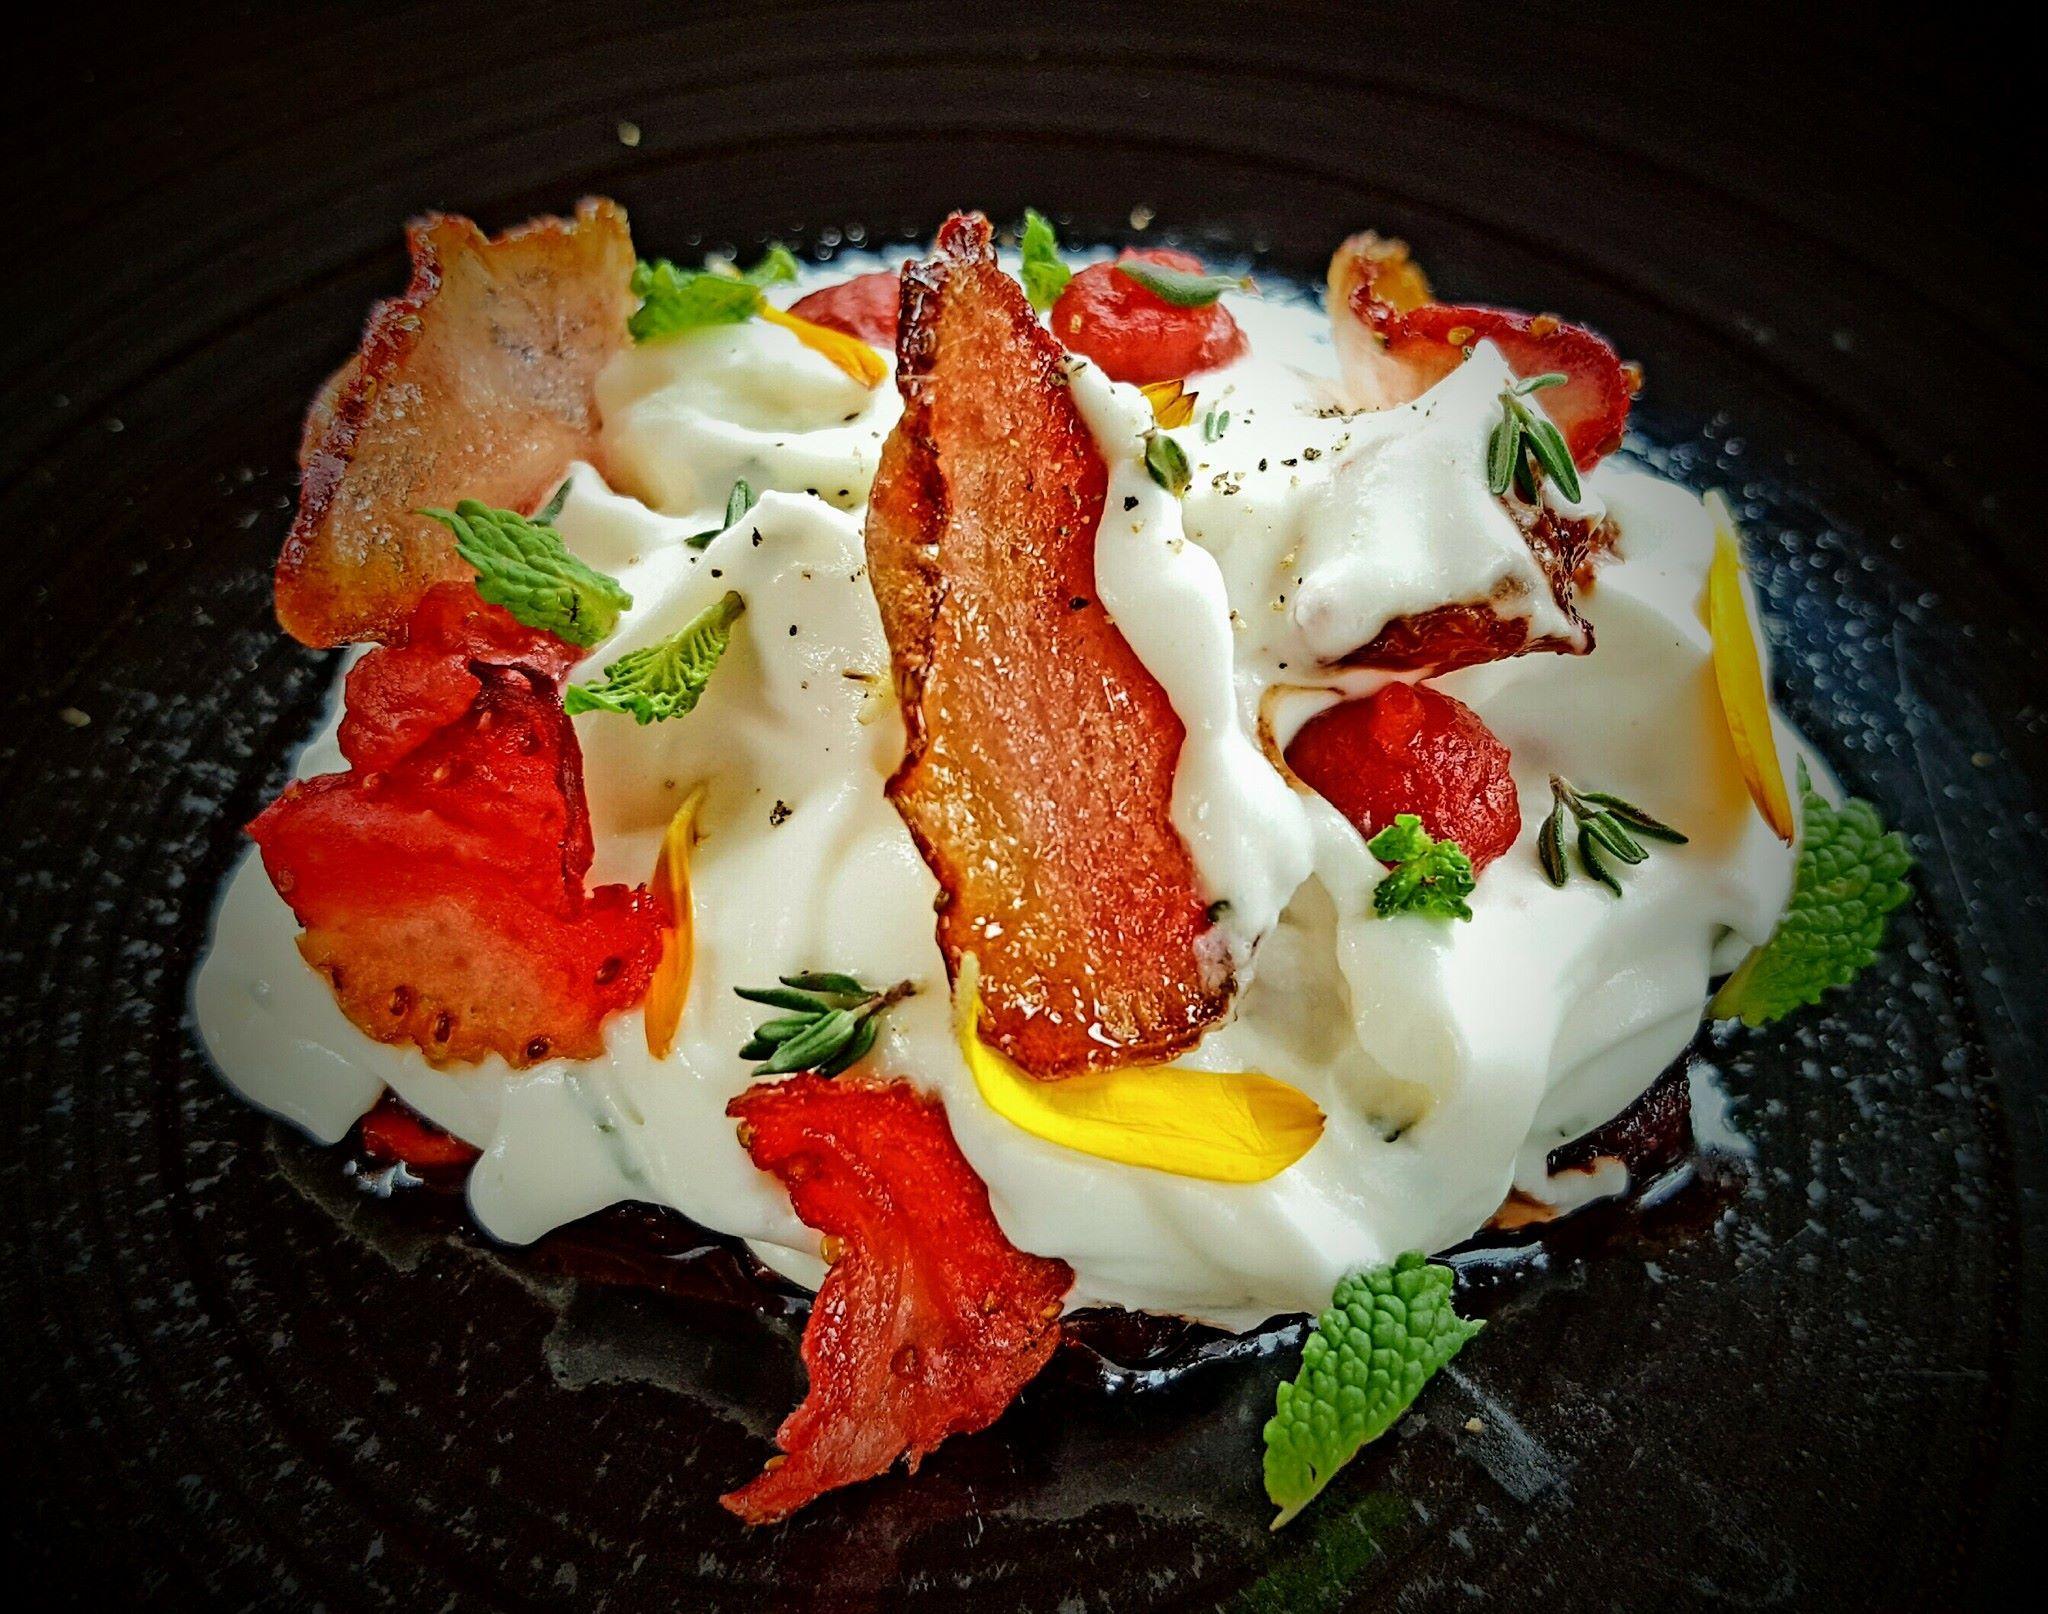 Fresas con nata: Menus degustación  de Restaurante Dámaso